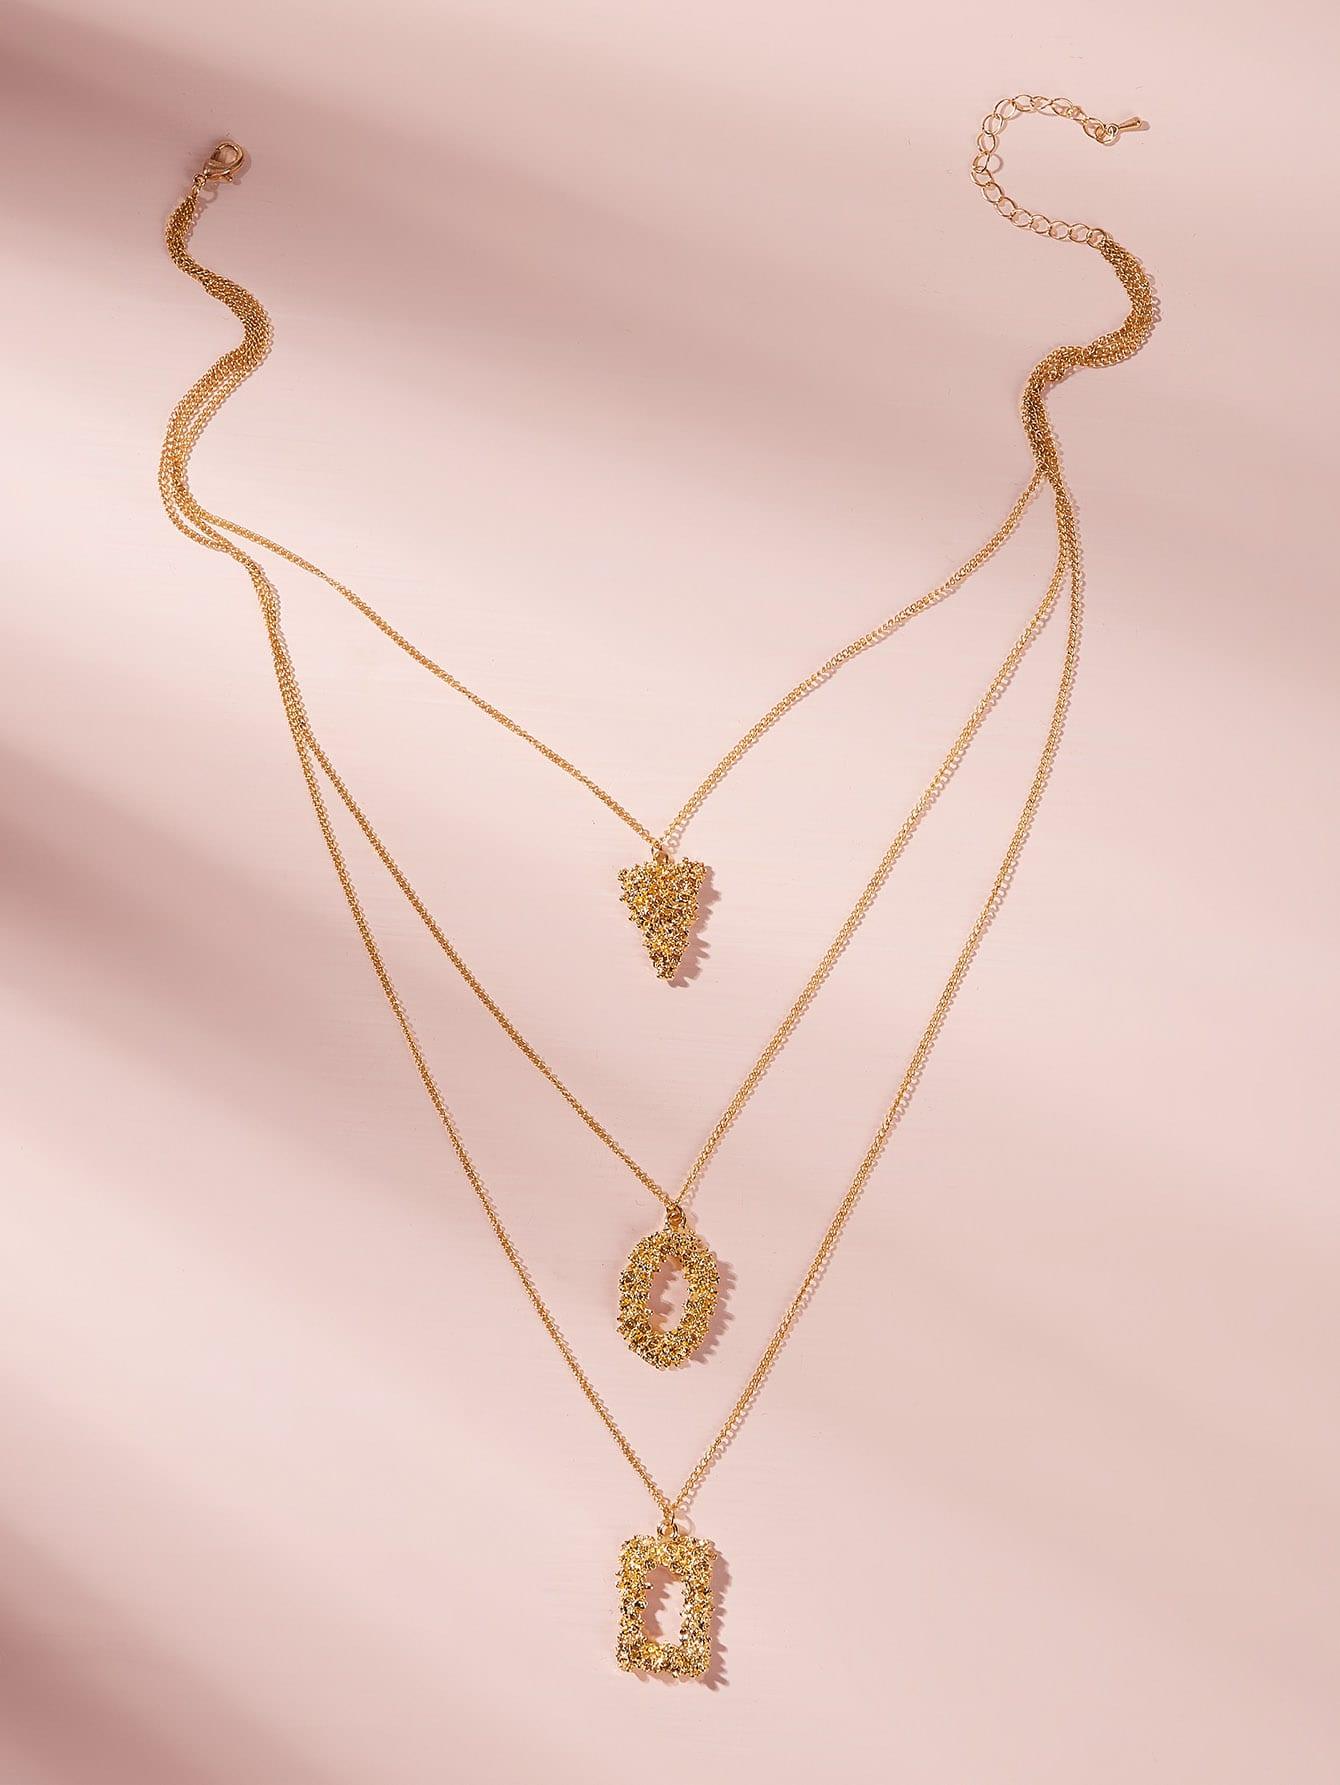 Фото - Геометрическая подвеска многослойная цепочка ожерелье 1шт. от SheIn цвет золотые